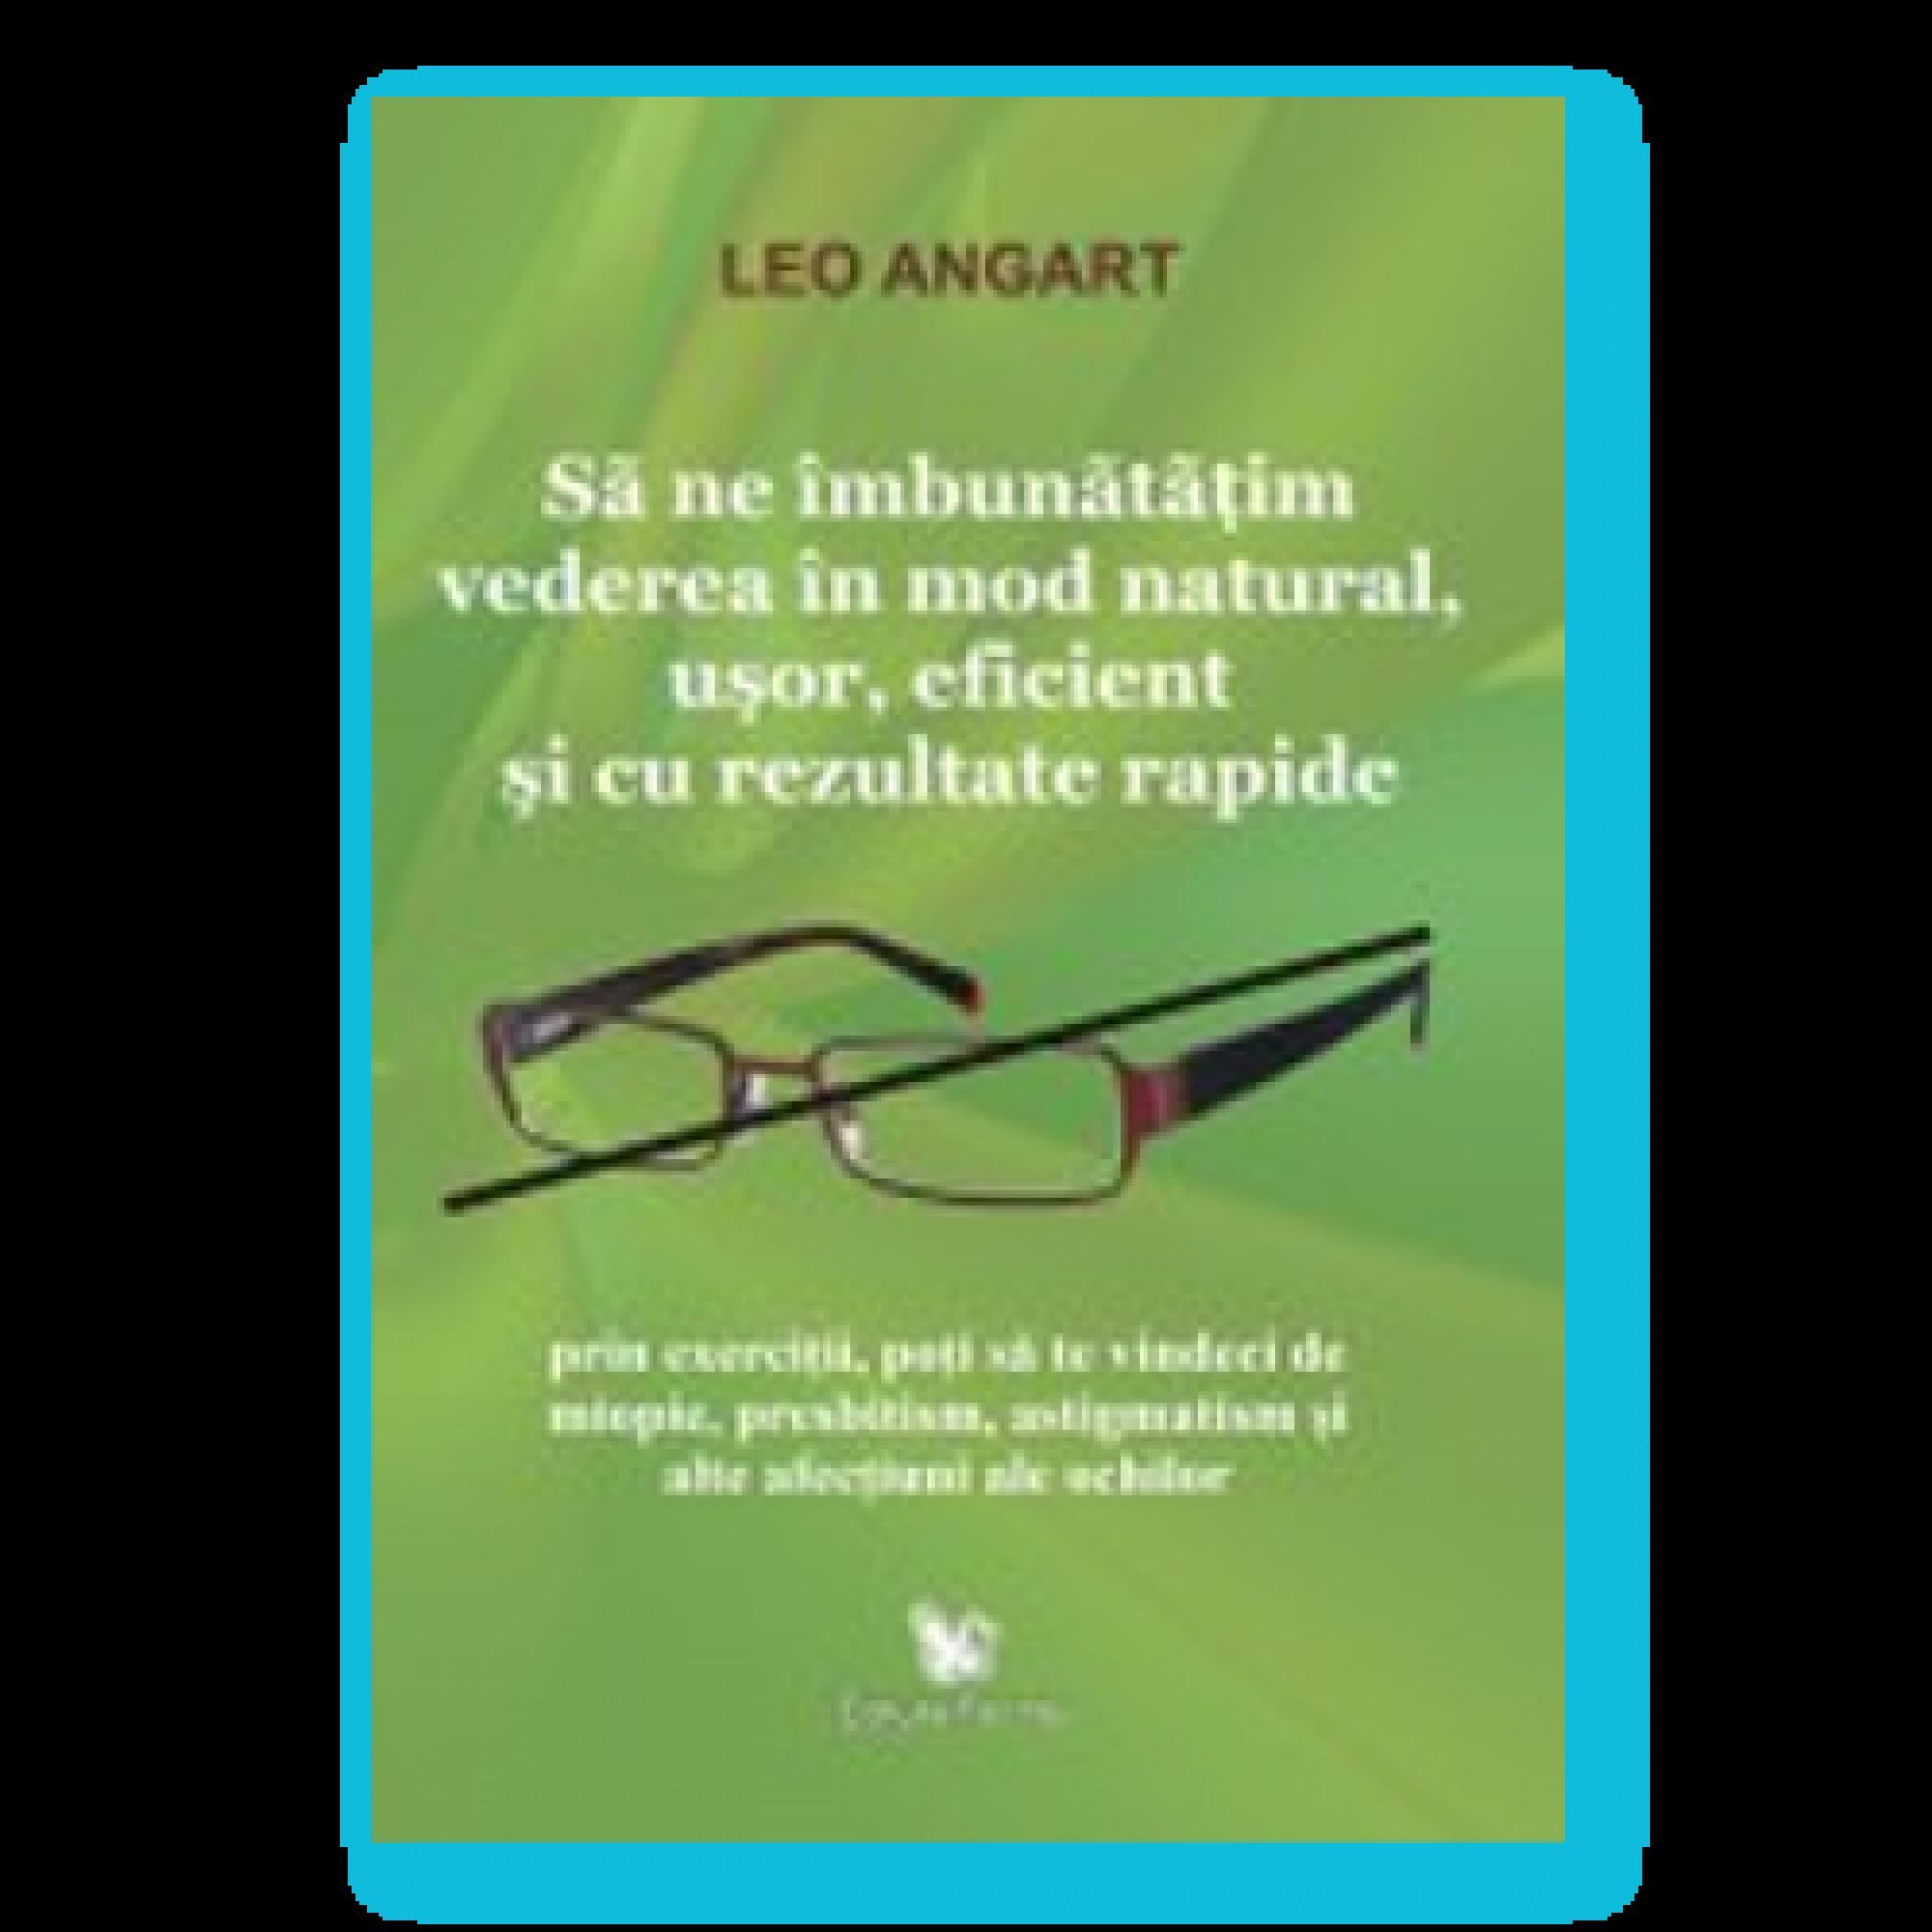 Să ne îmbunătăţim vederea în mod natural, uşor, eficient şi cu rezultate rapide; Leo Angart